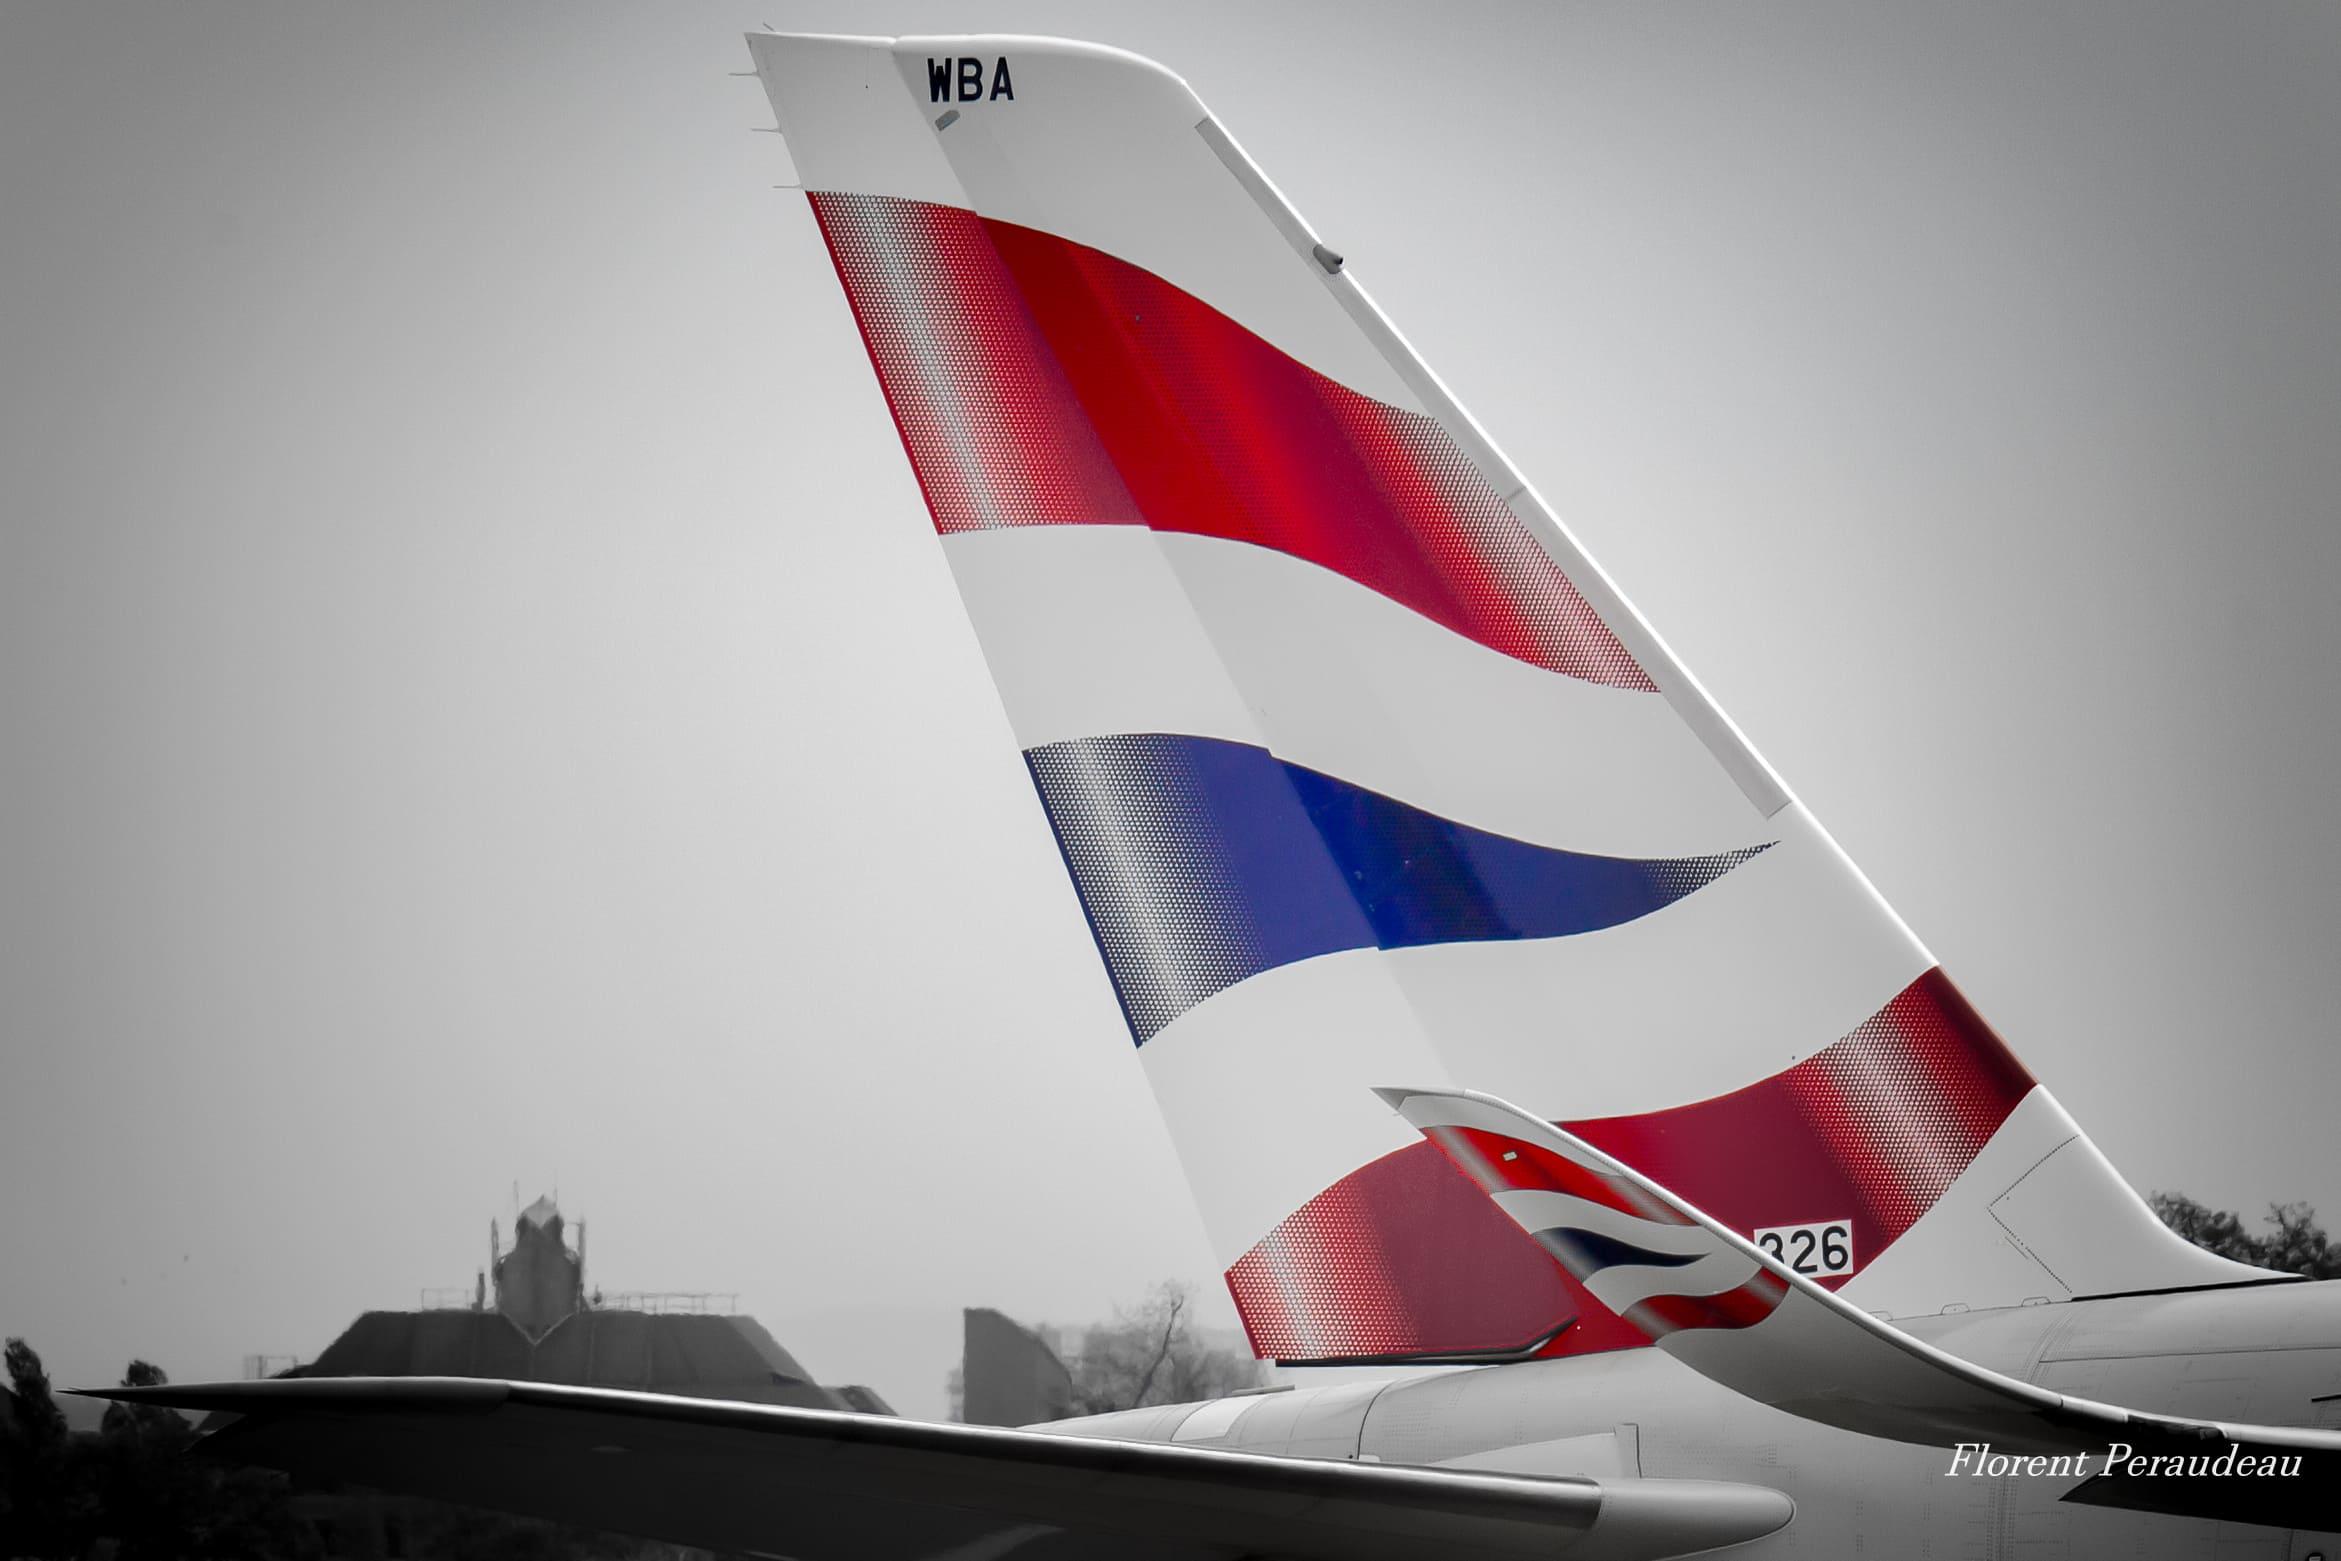 A350- 1000 British Airways s/n 326 G-XWBA